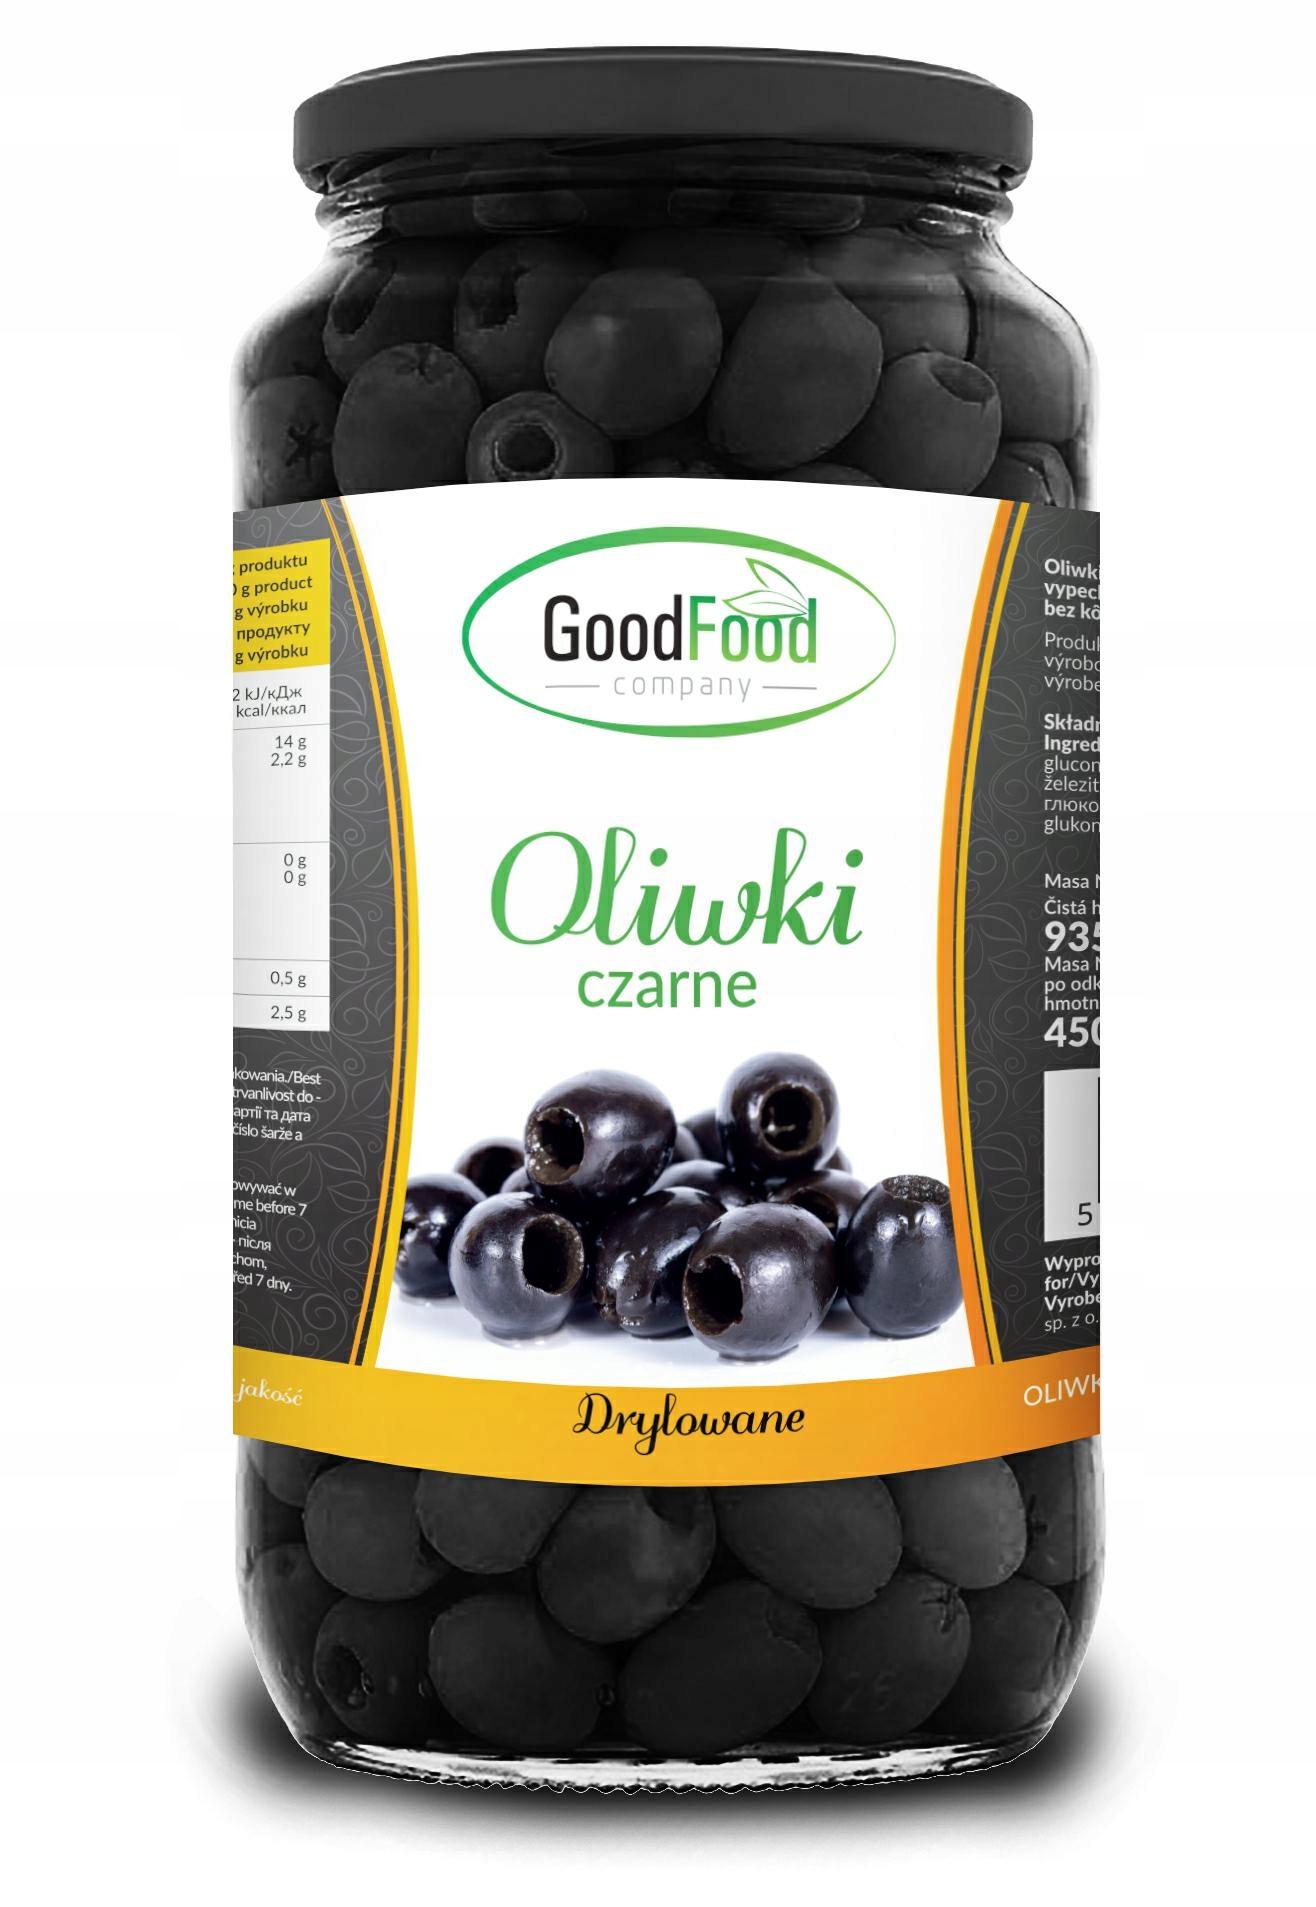 GOODFOOD - Oliwki czarne całe 935g